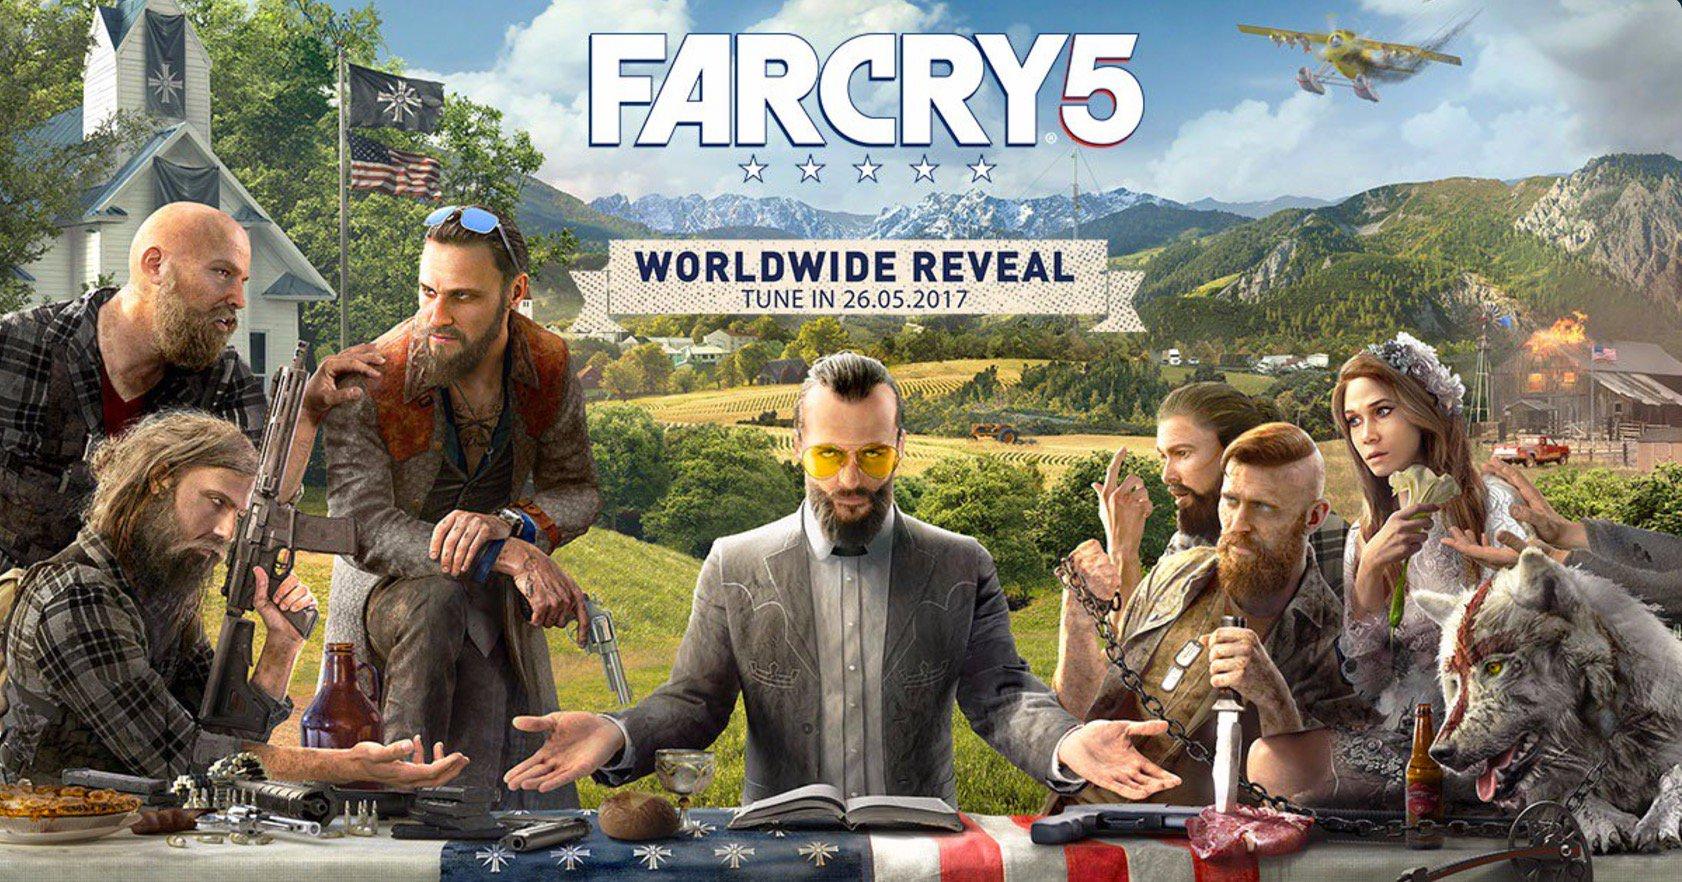 Компания Ubisoft назвала дату выхода Far Cry 5, аеще представила трейлер